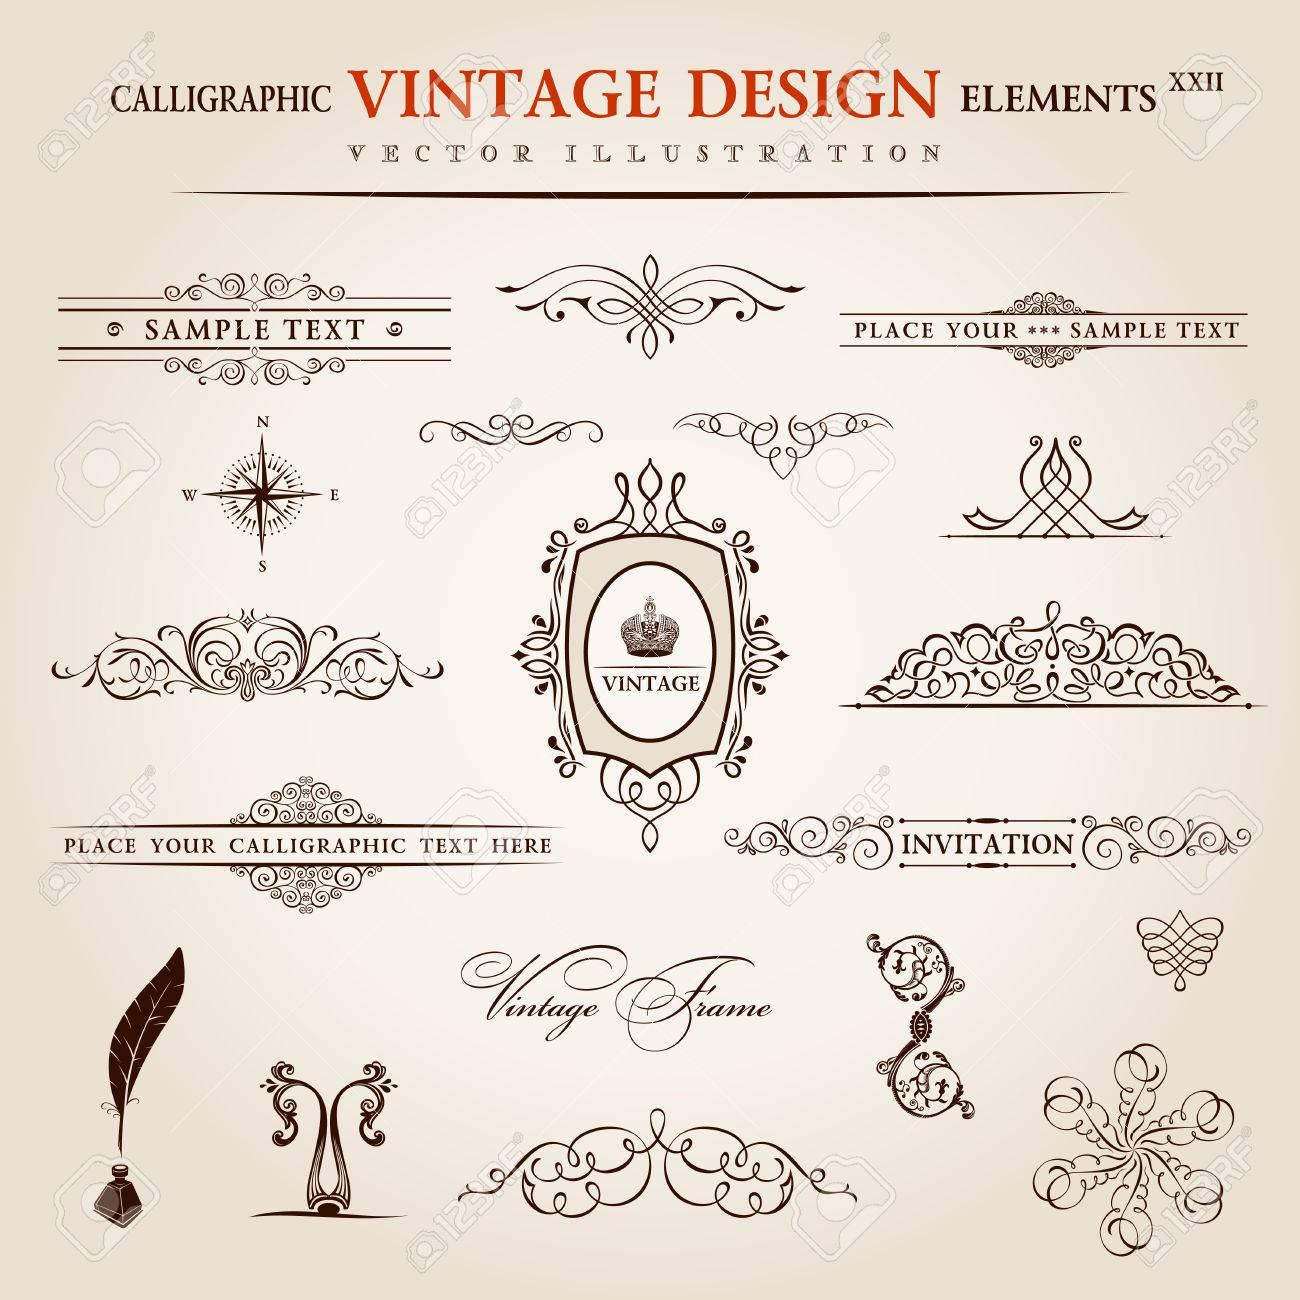 Vettoriale Vector Set Elementi Vintage Calligrafici E Decorazione Di Pagina Di Raccolta Di Qualita Premium Disegno Floreale Image 40344960